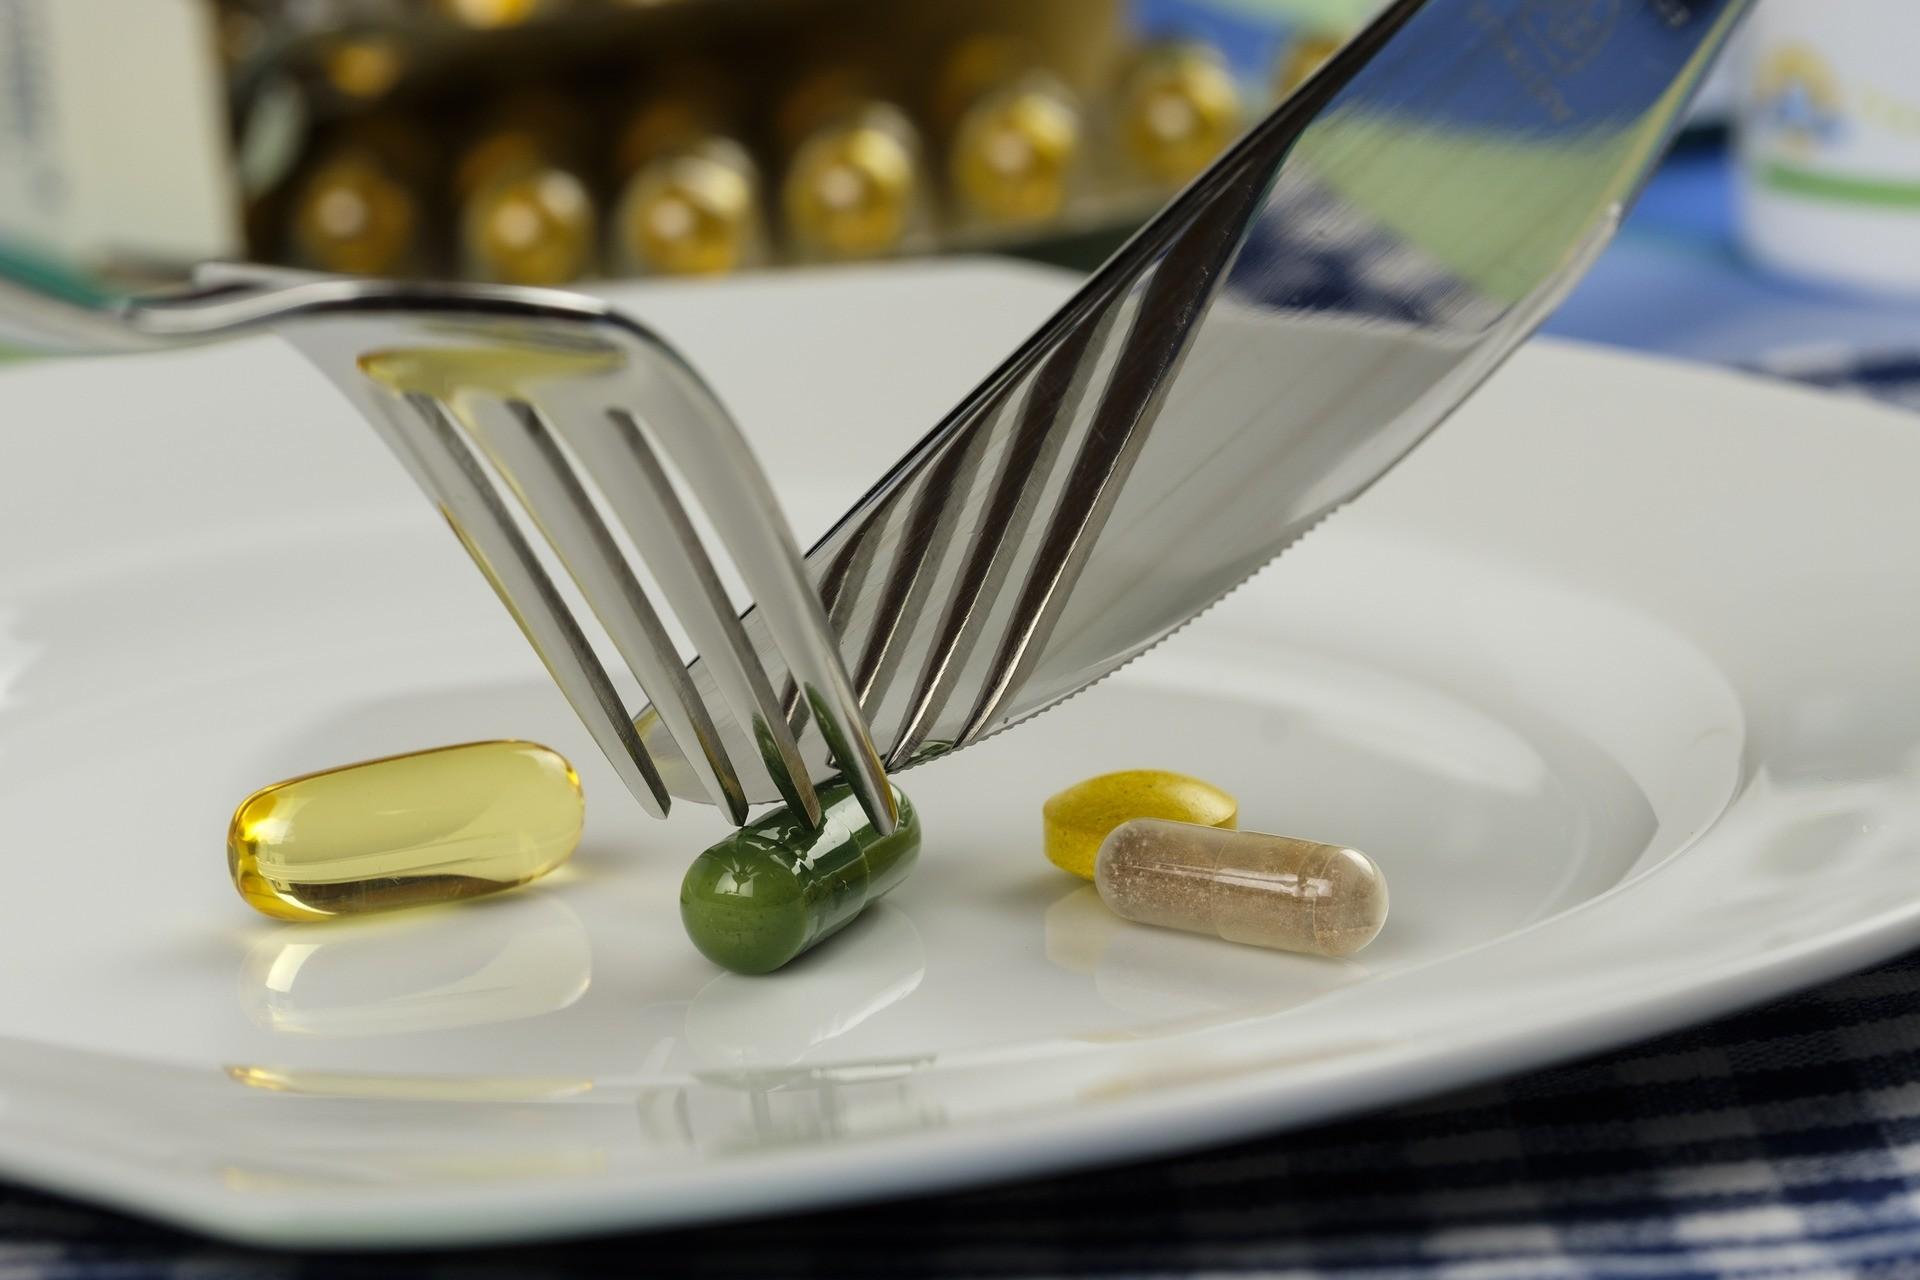 ▲吃藥,藥。(圖/取自免費圖庫Pixabay)